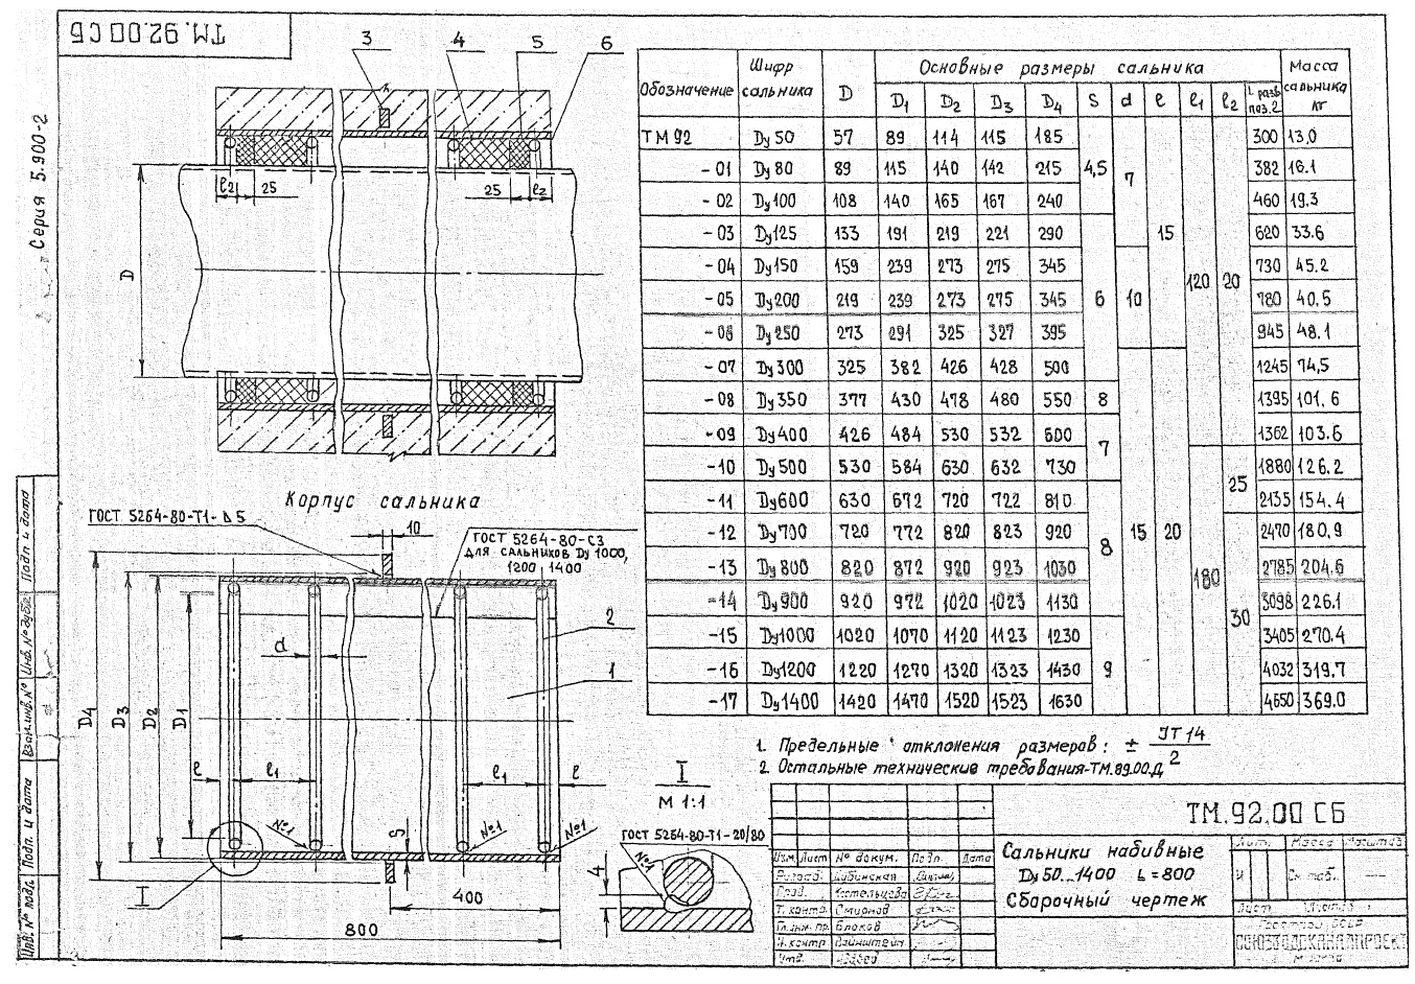 Сальники набивные ТМ.92.00 серия 5.900-2 стр.1